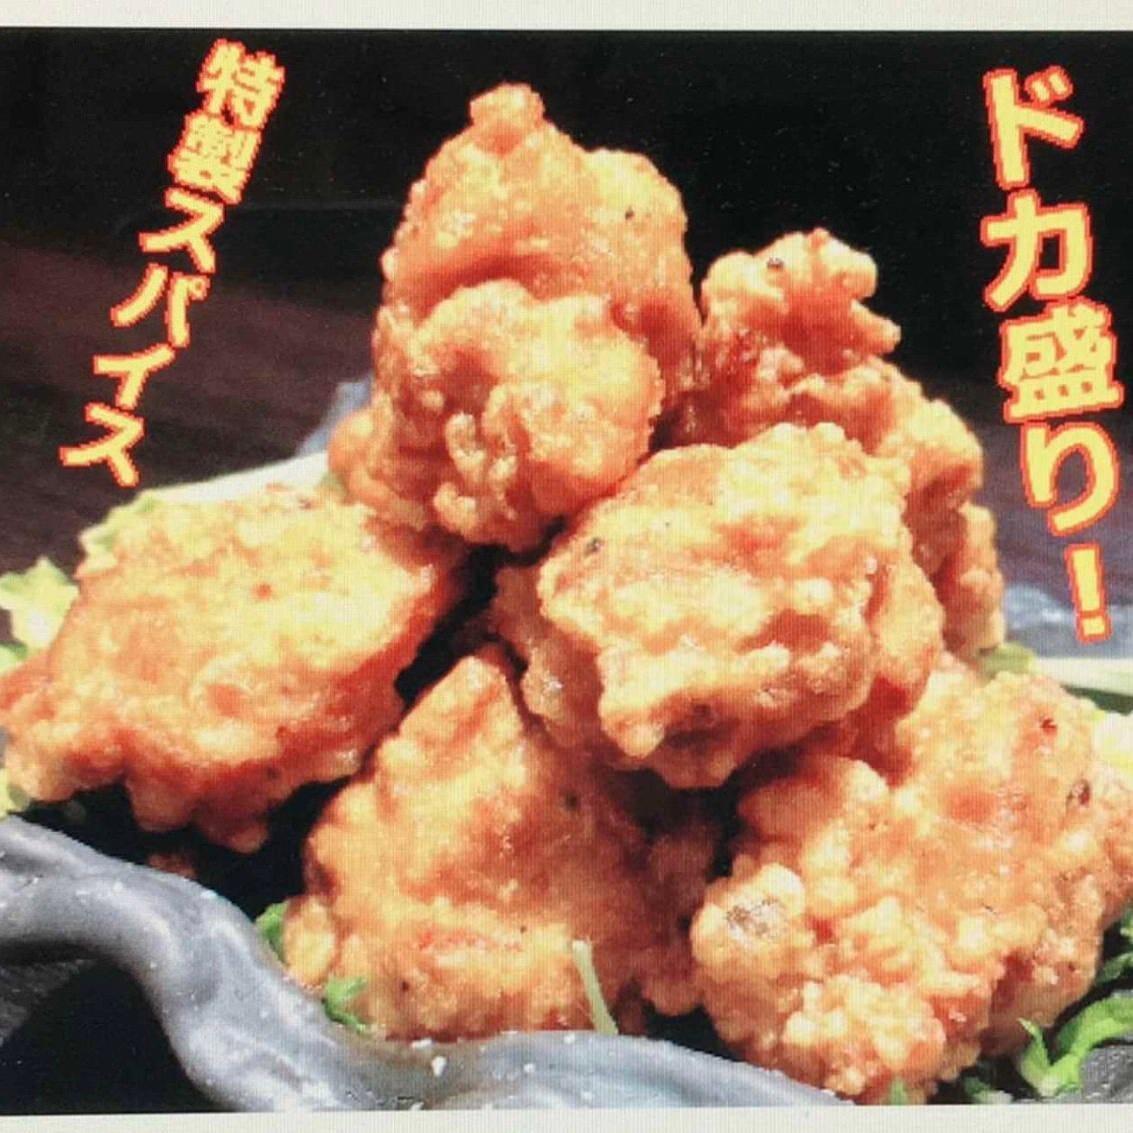 特製スパイスに漬け込んだ唐揚げはお値打ちの648円(税込)